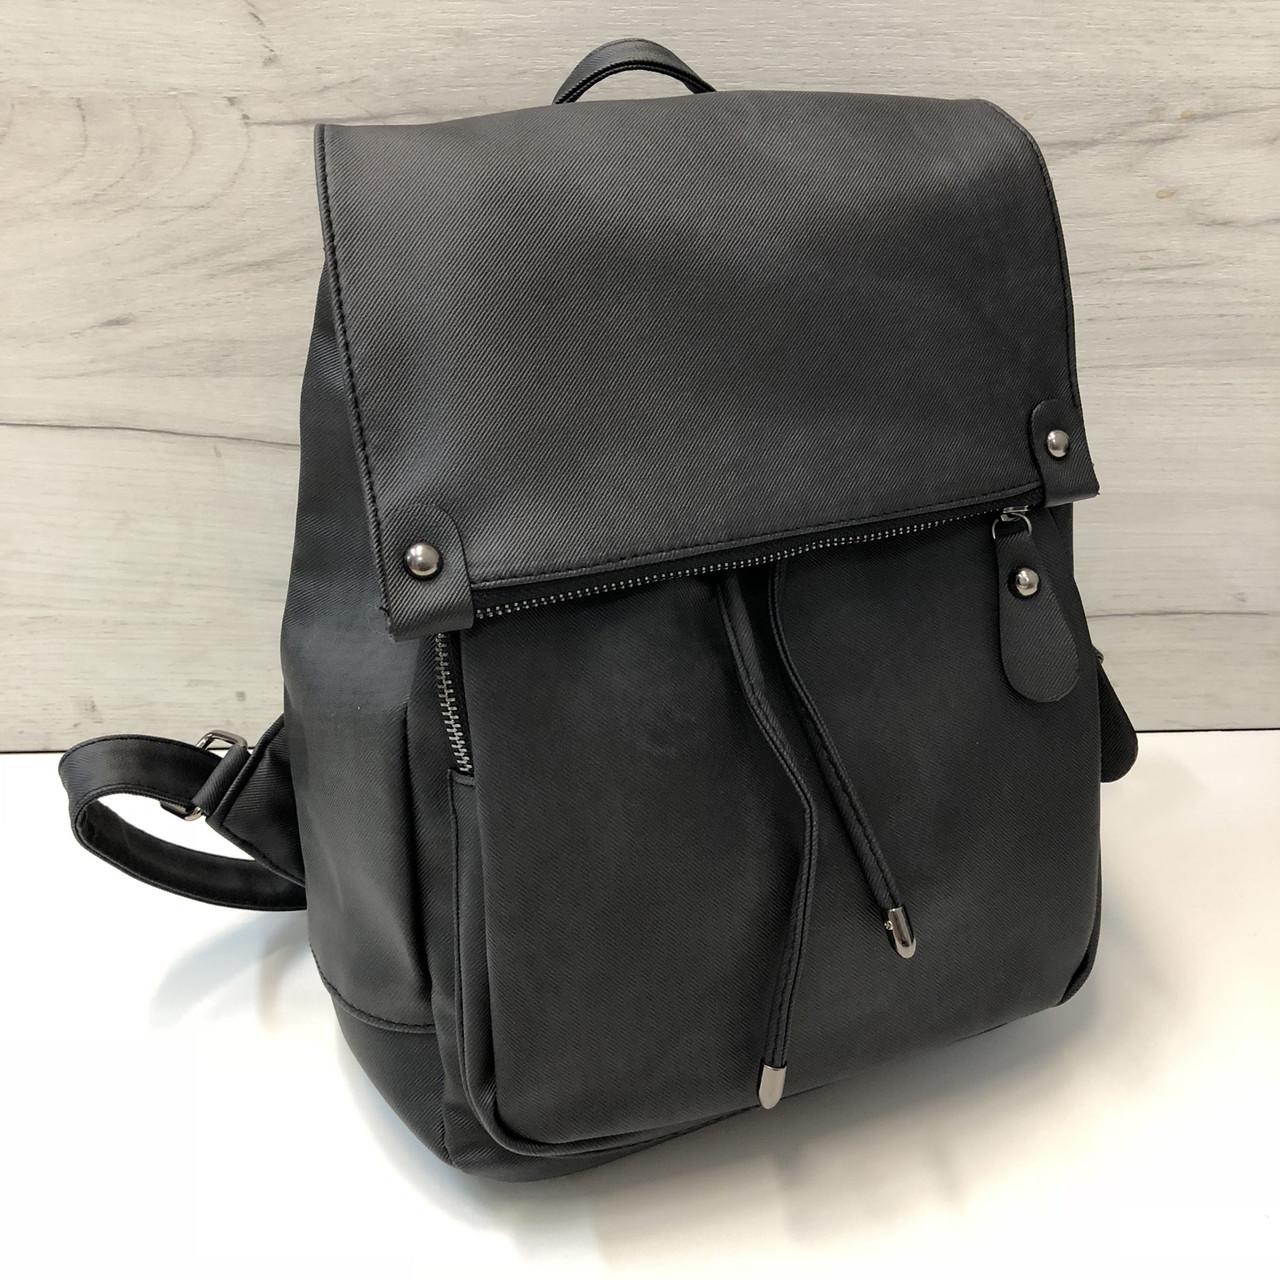 Рюкзак городской под фактуру ткани   портфель PU-кожа (0555) Черный